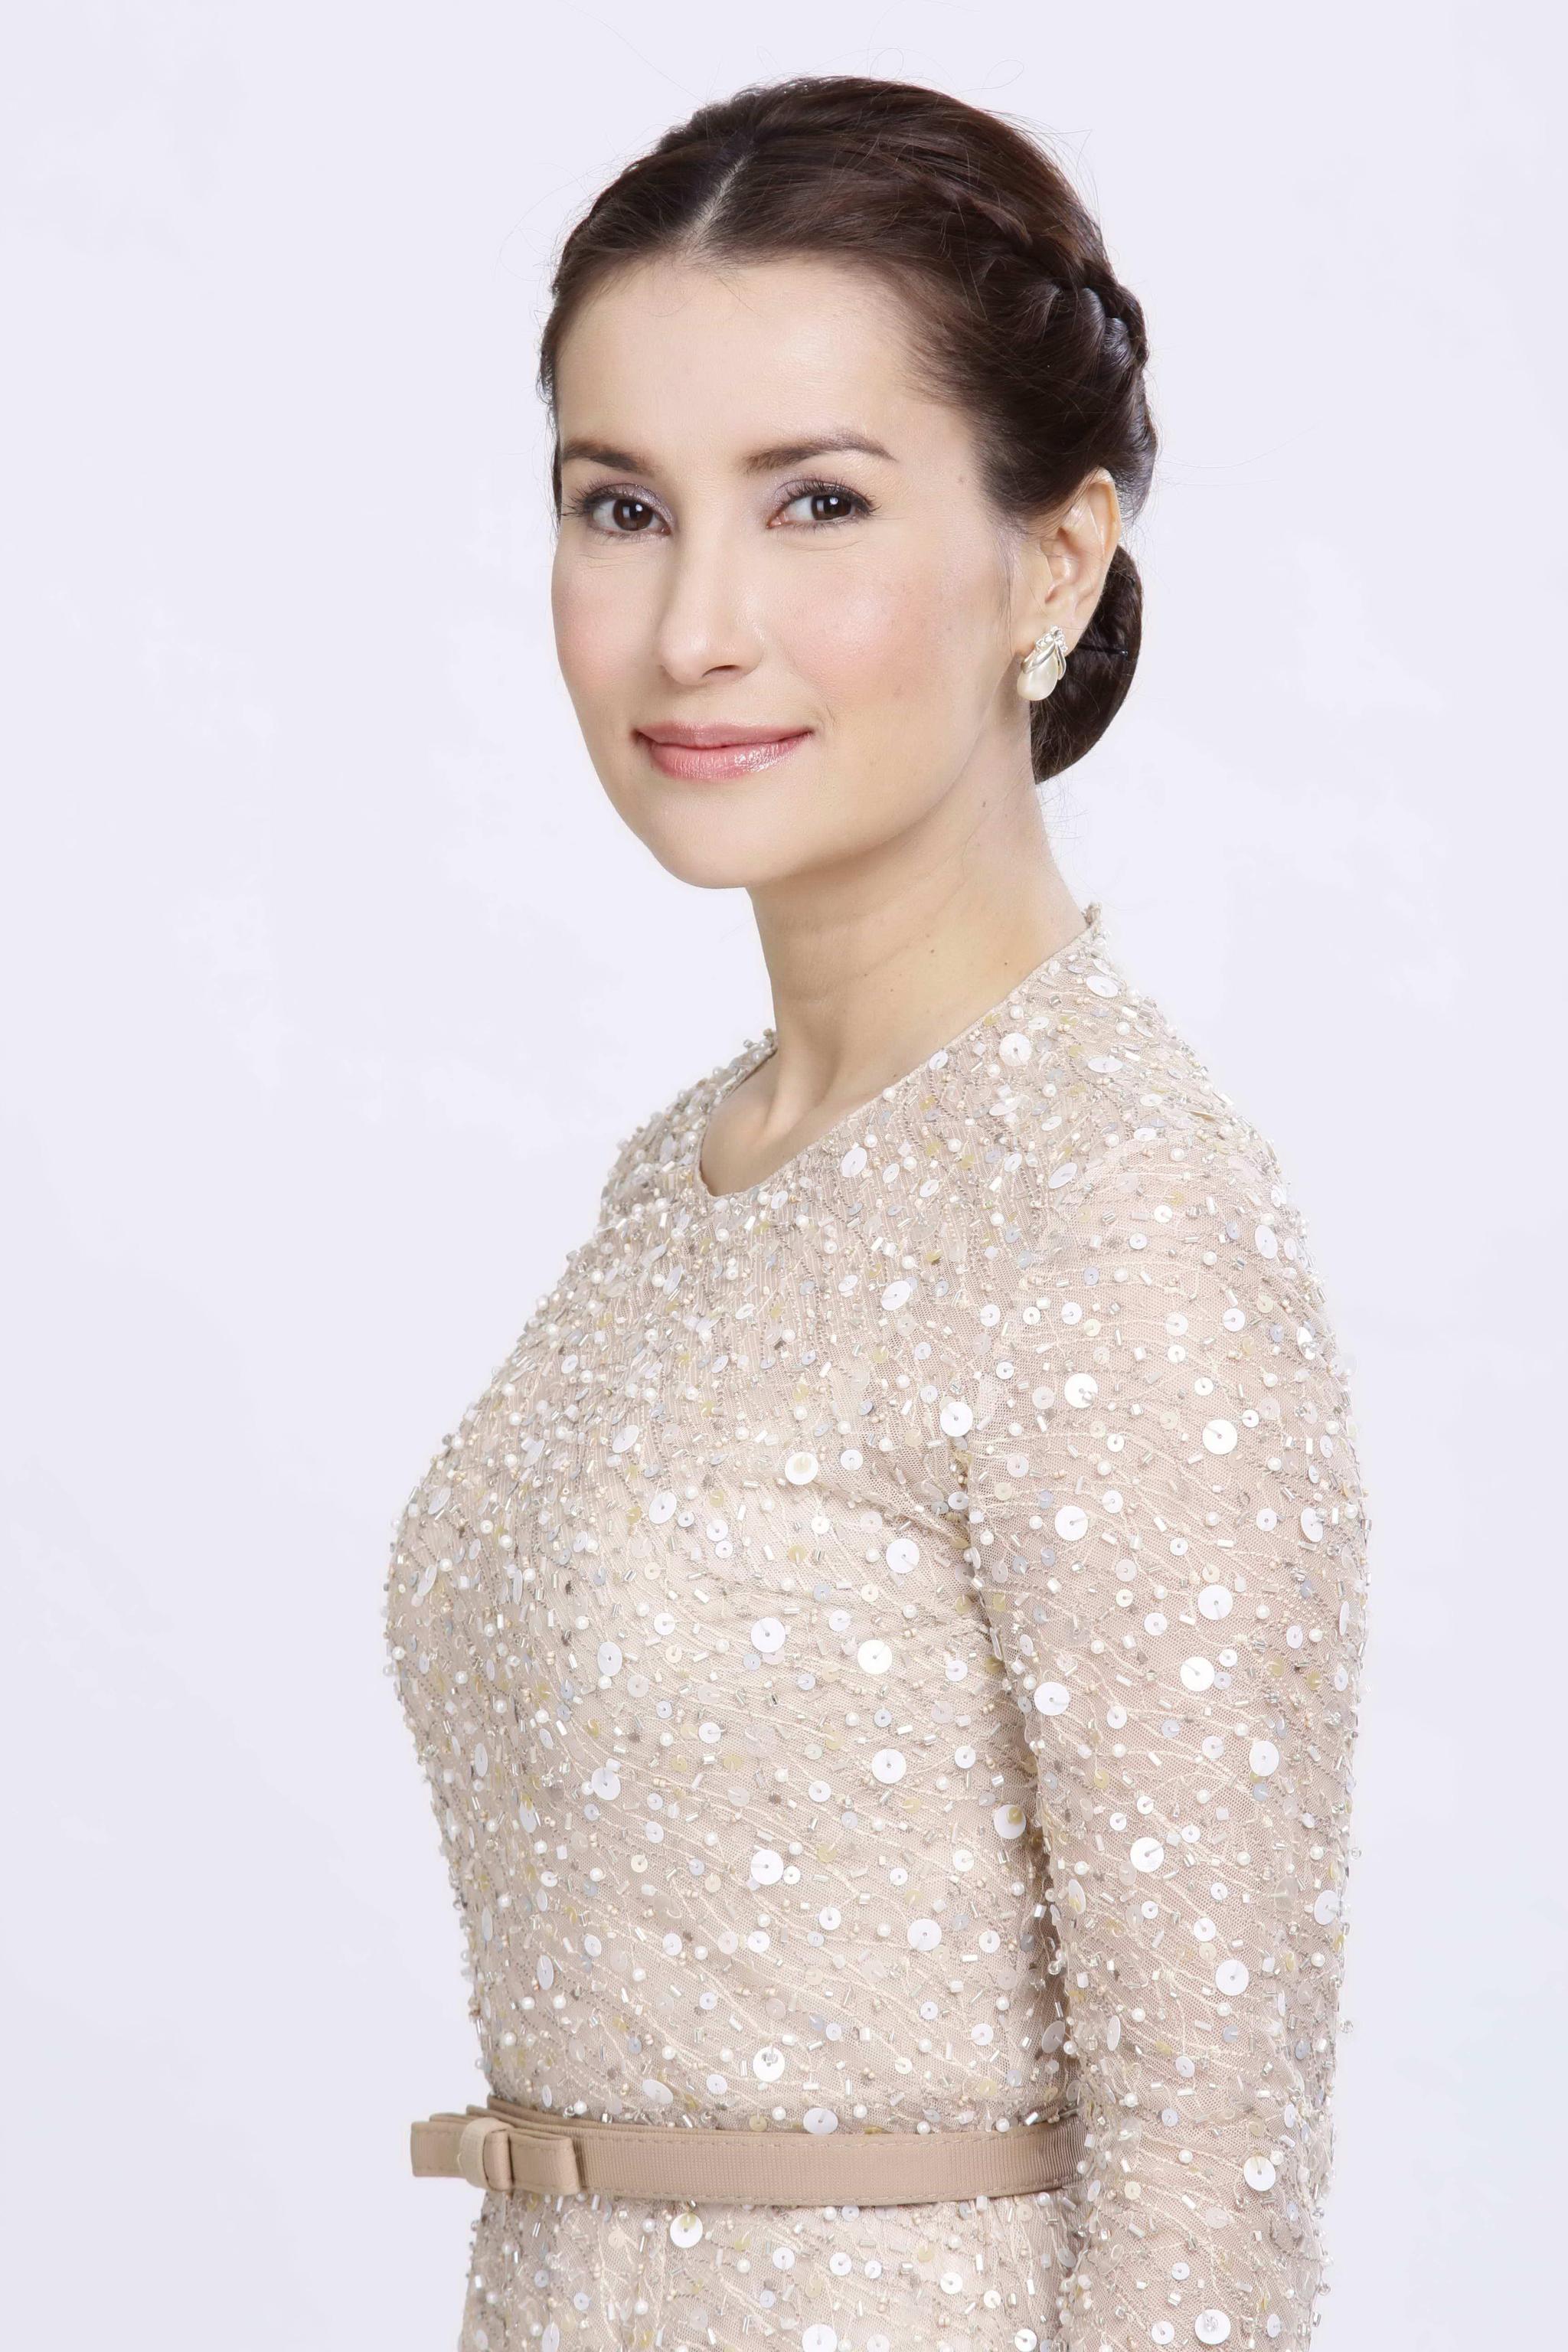 泰国女明星_对于当红泰国女明星的颜值与演技 资深泰剧迷们是这样